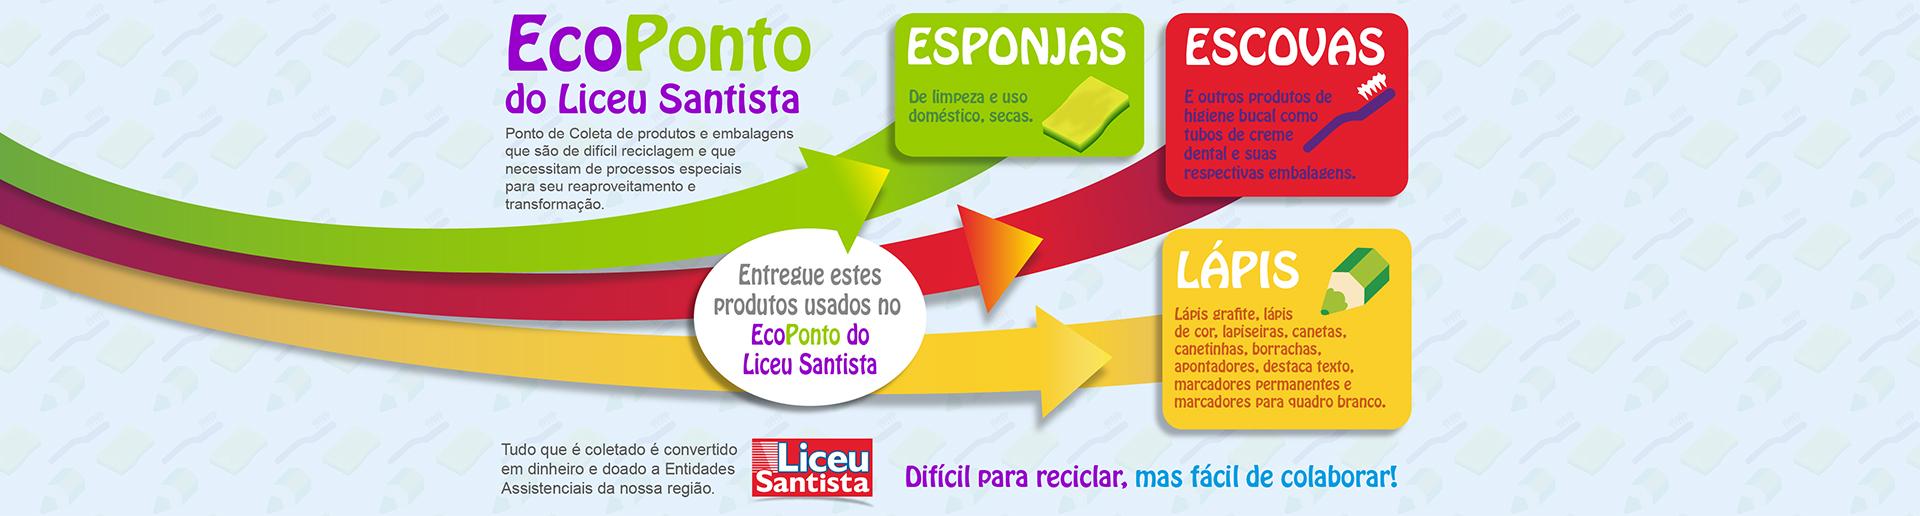 LS_Ecoponto_1920x516_campo_central_980x500_px-1